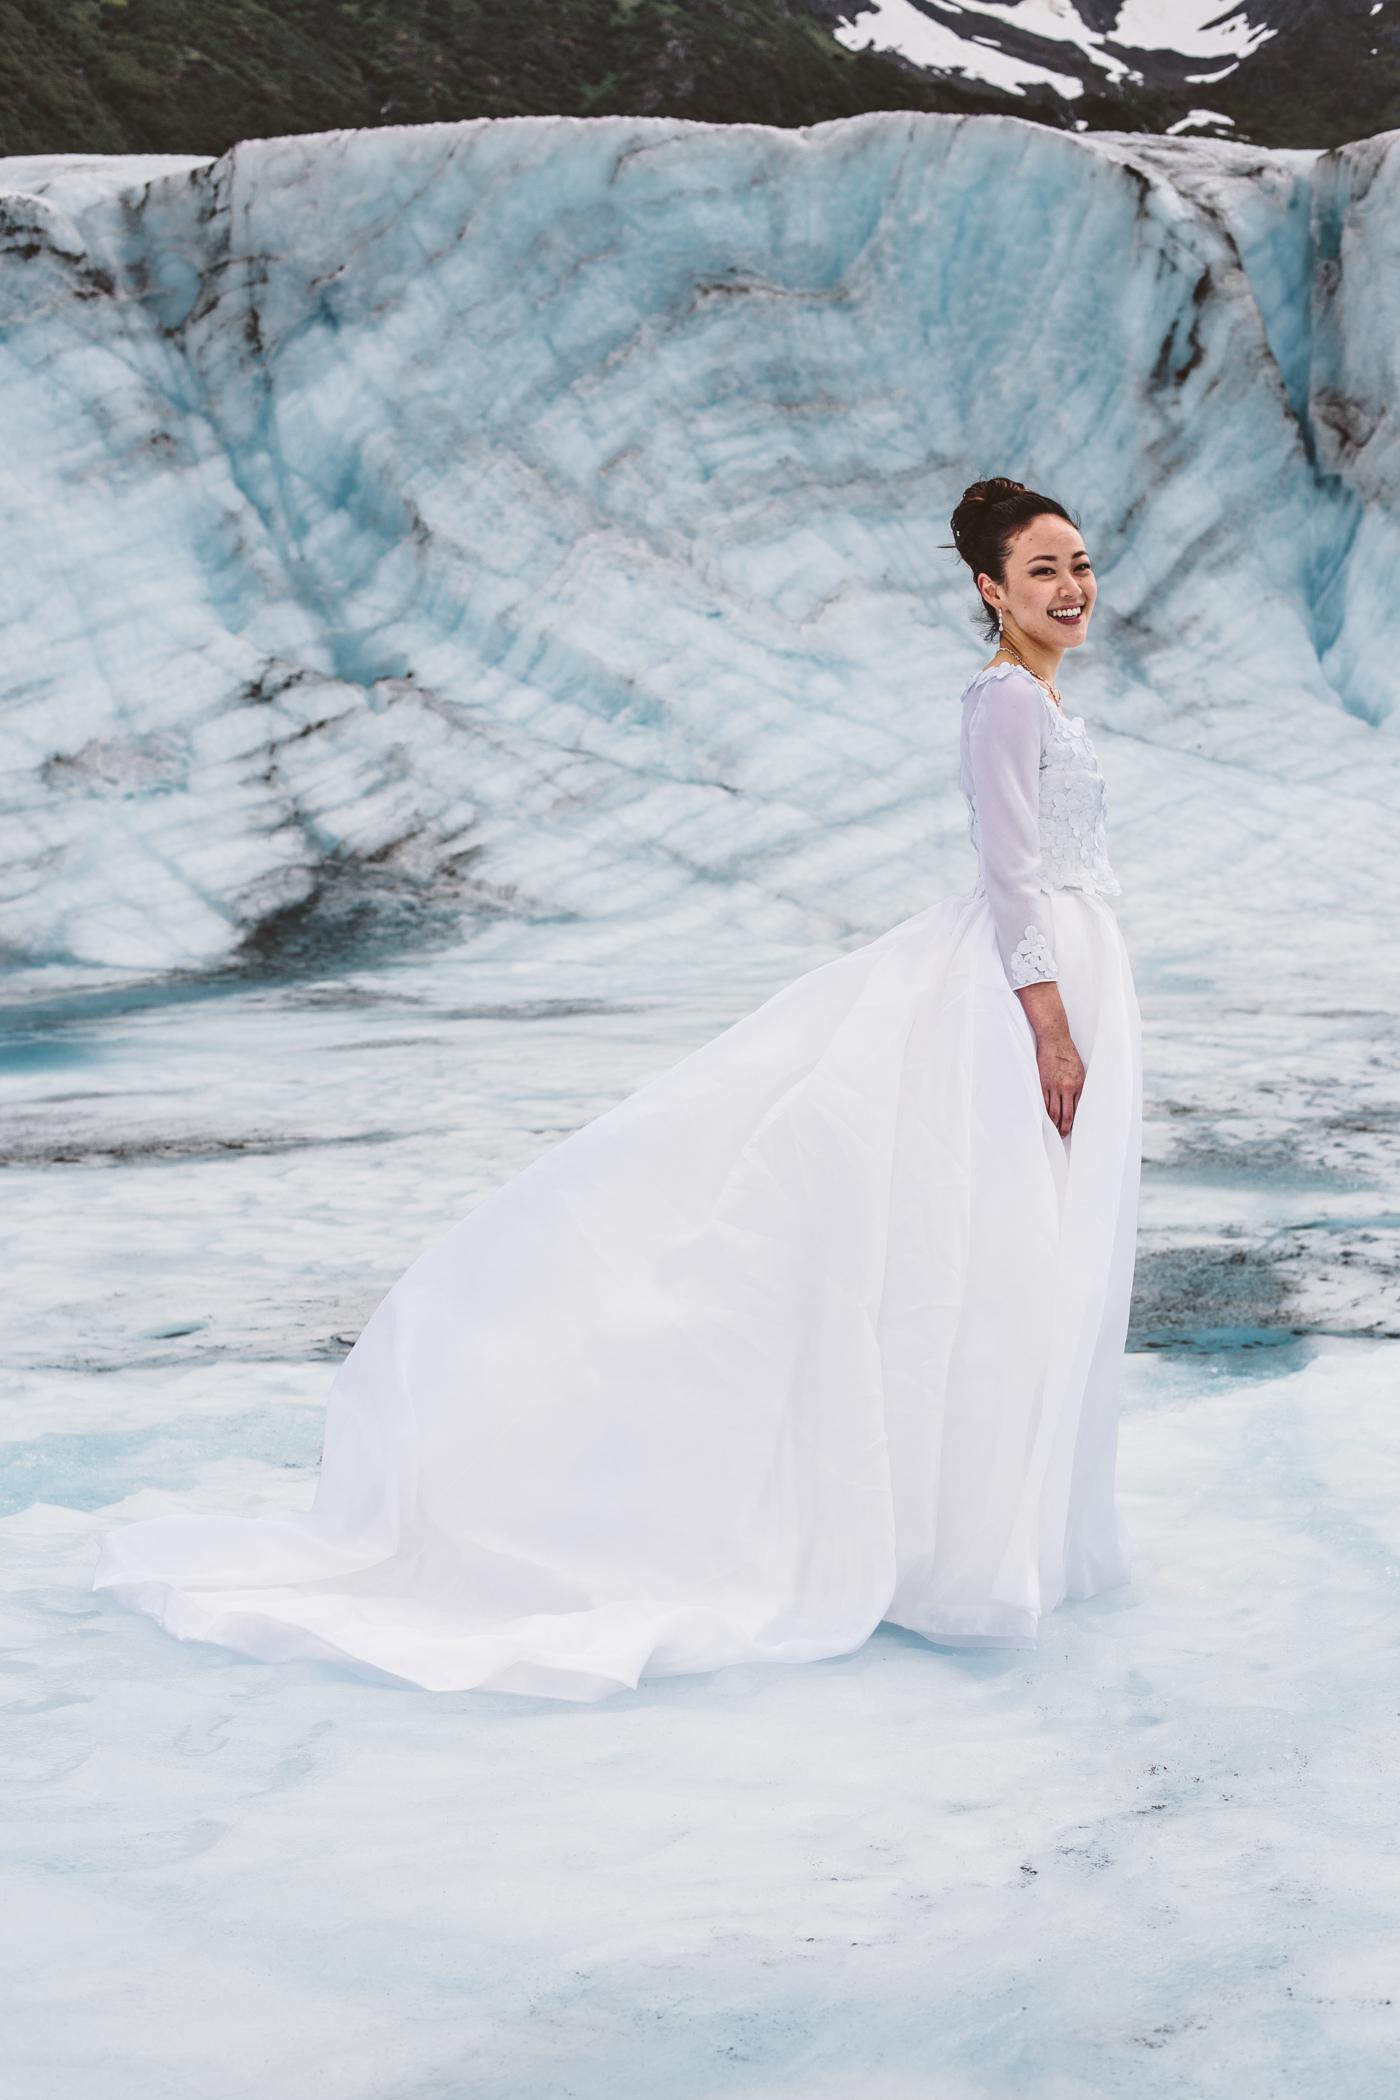 Glacier Bridal Photos